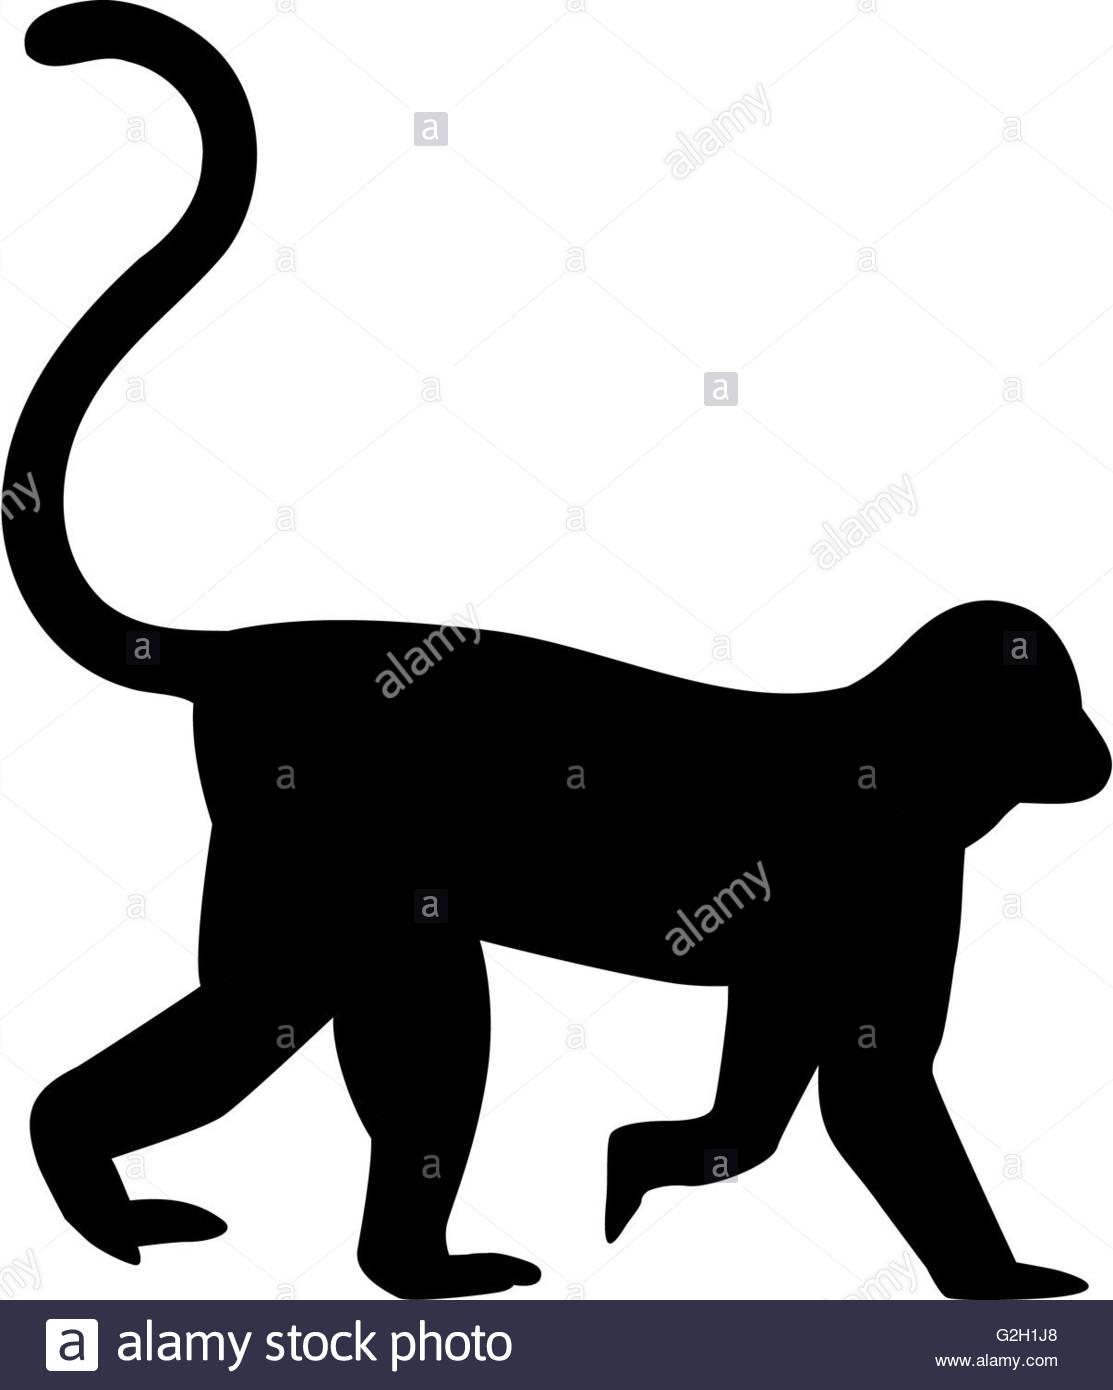 1113x1390 Chimpanzee Silhouette Stock Photos Amp Chimpanzee Silhouette Stock